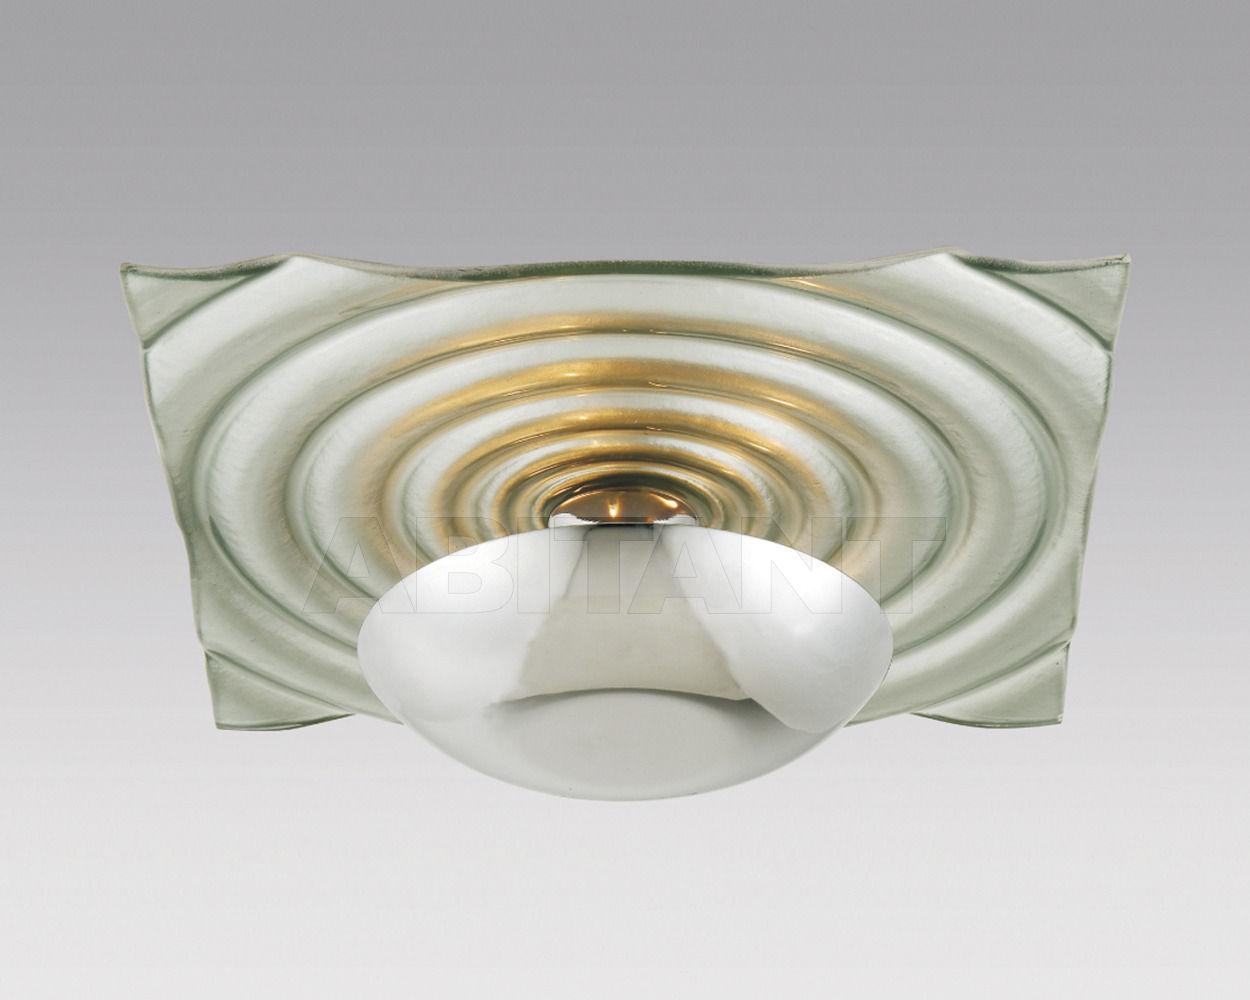 Купить Светильник Linea Verdace 2012 LV 60021/S